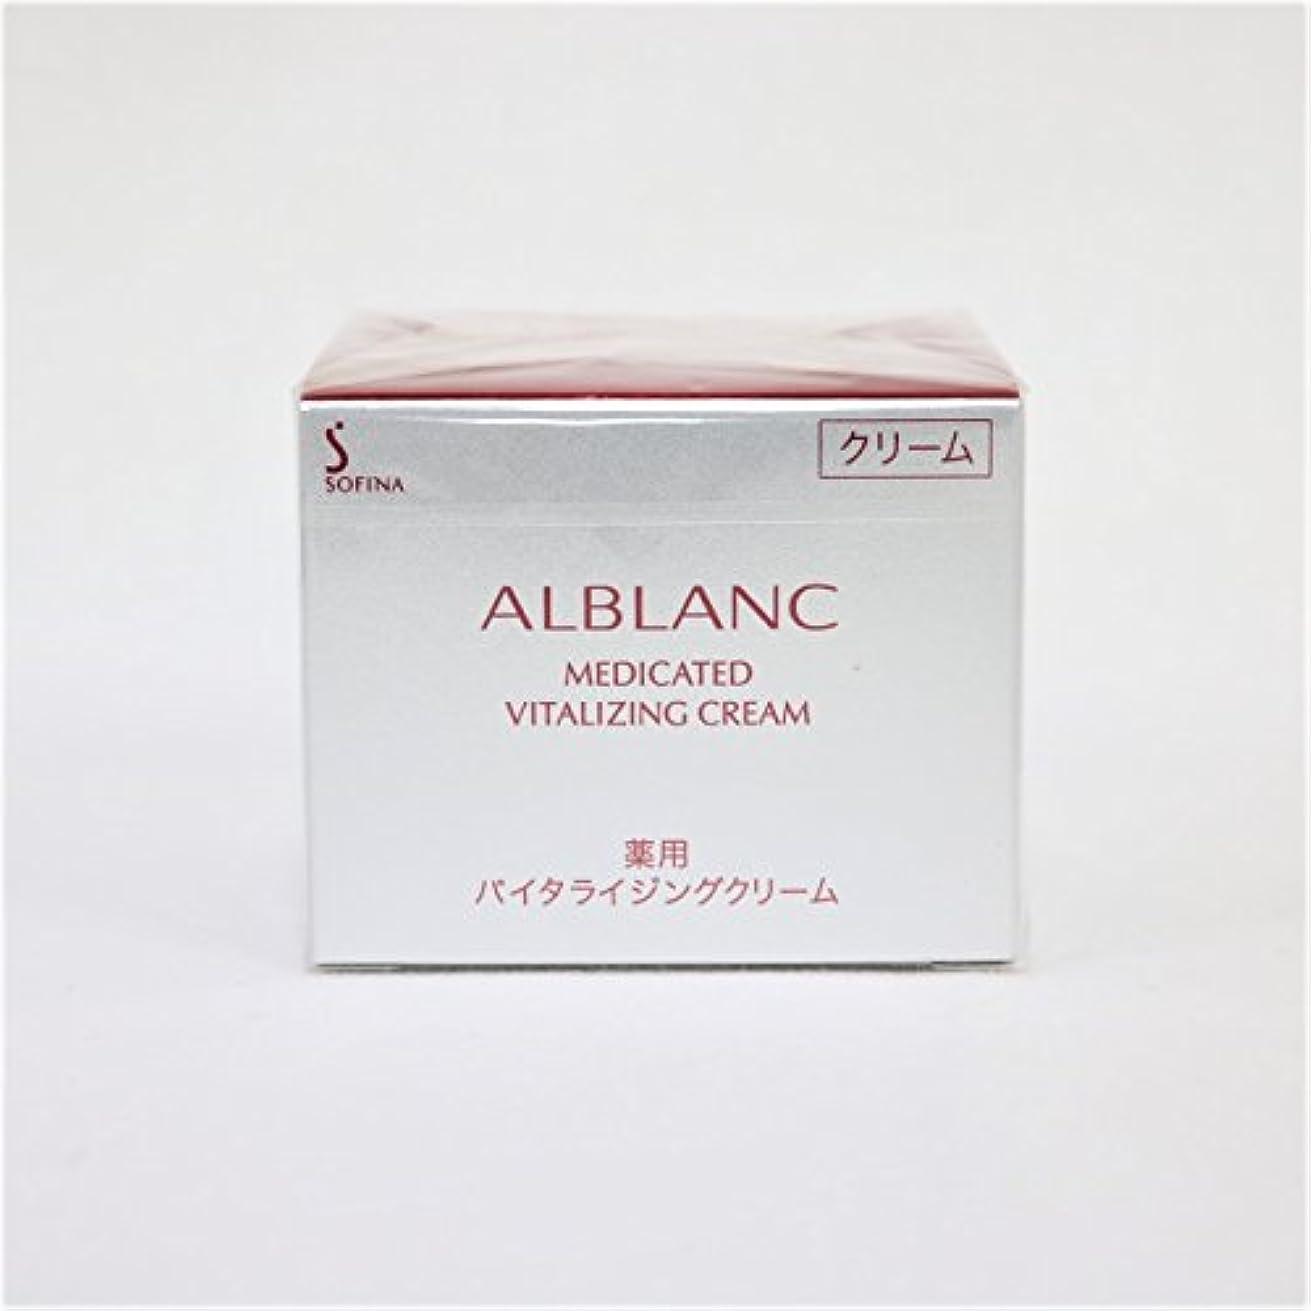 中毒一晩調整するソフィーナ アルブラン 薬用バイタライジングクリーム 40g